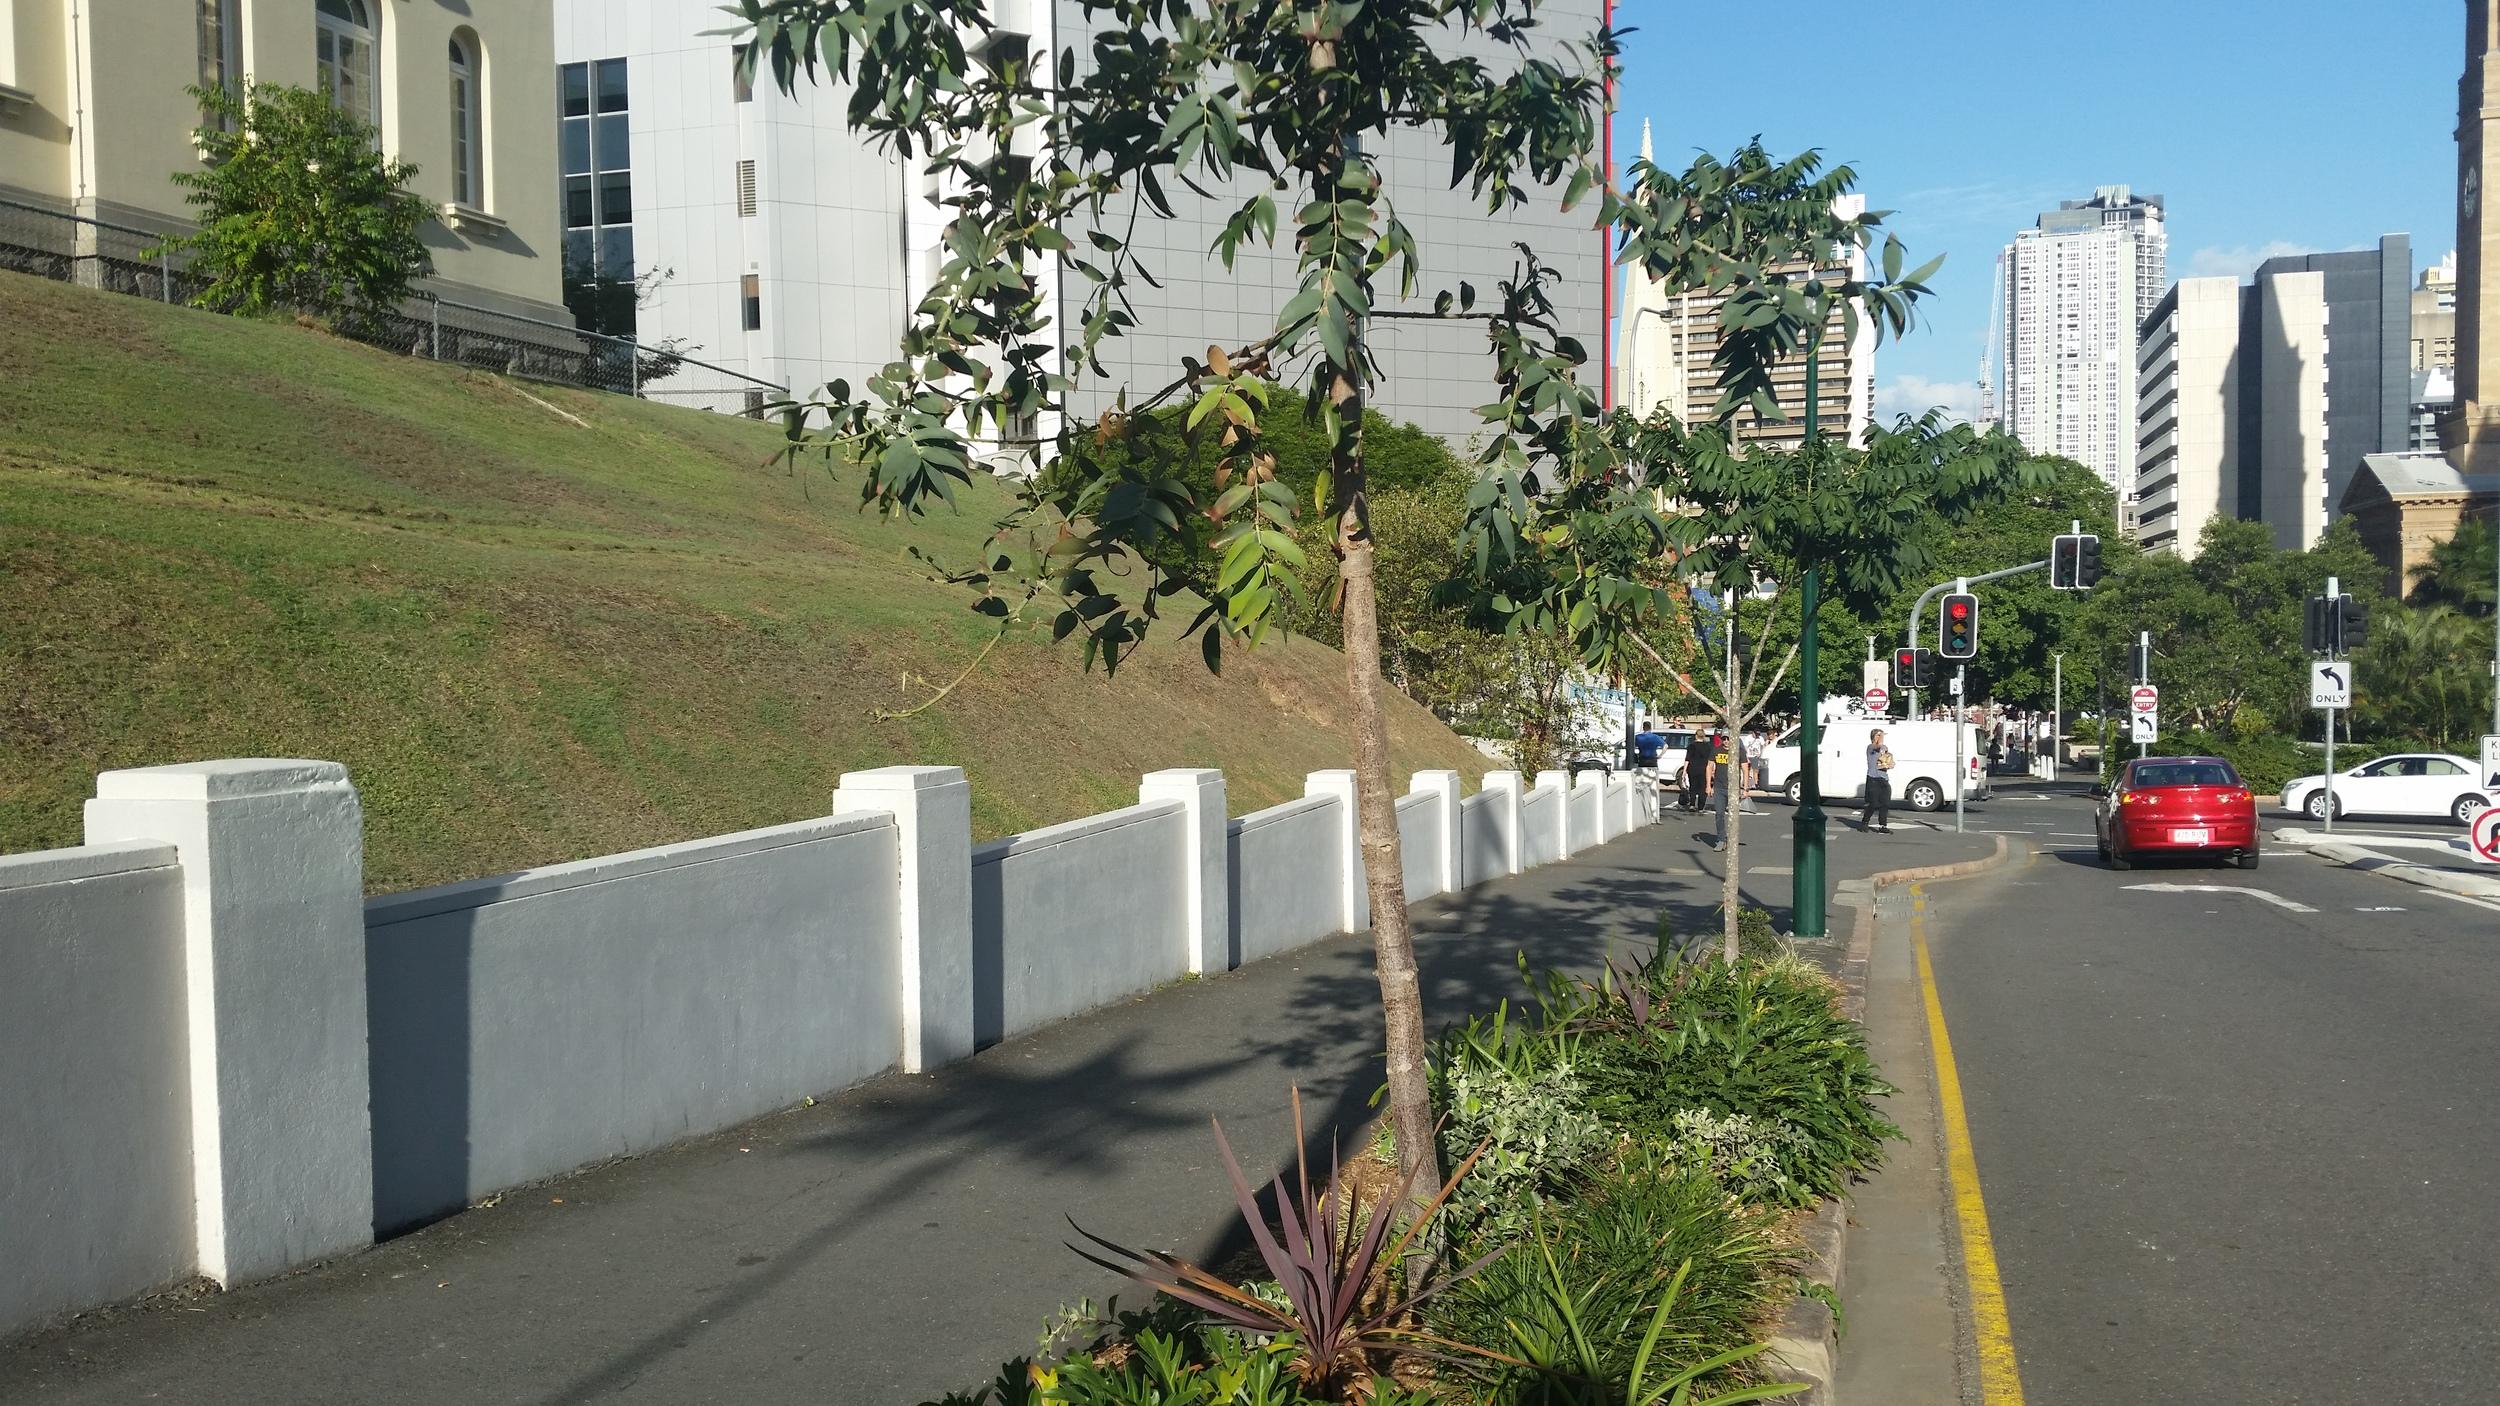 Albert Street Self-Watering Street Tree